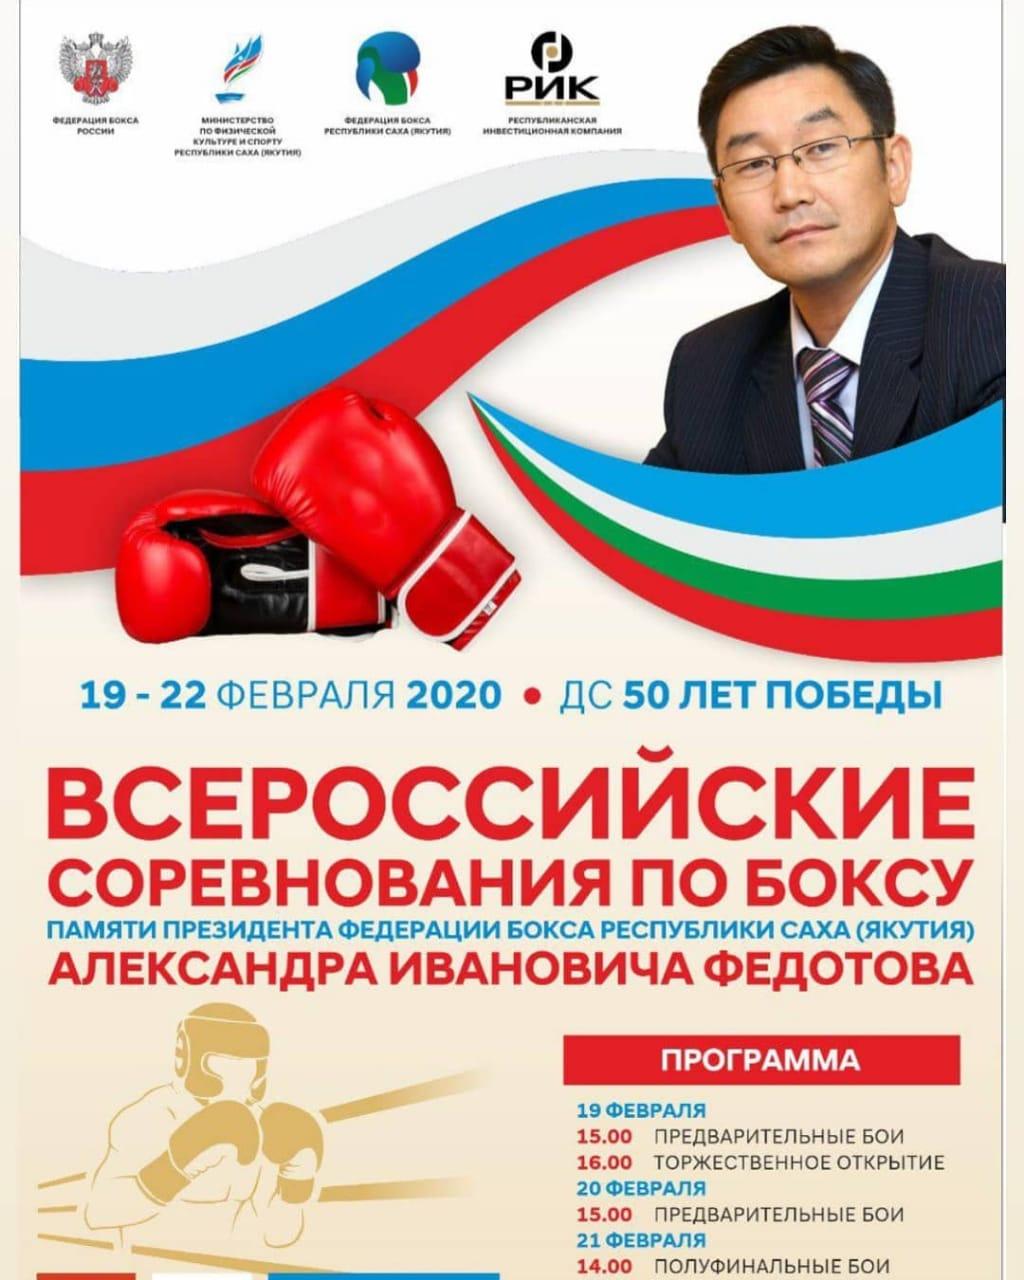 Стартовало Всероссийское соревнование по боксу памяти Президента Федерации бокса Александра Федотова